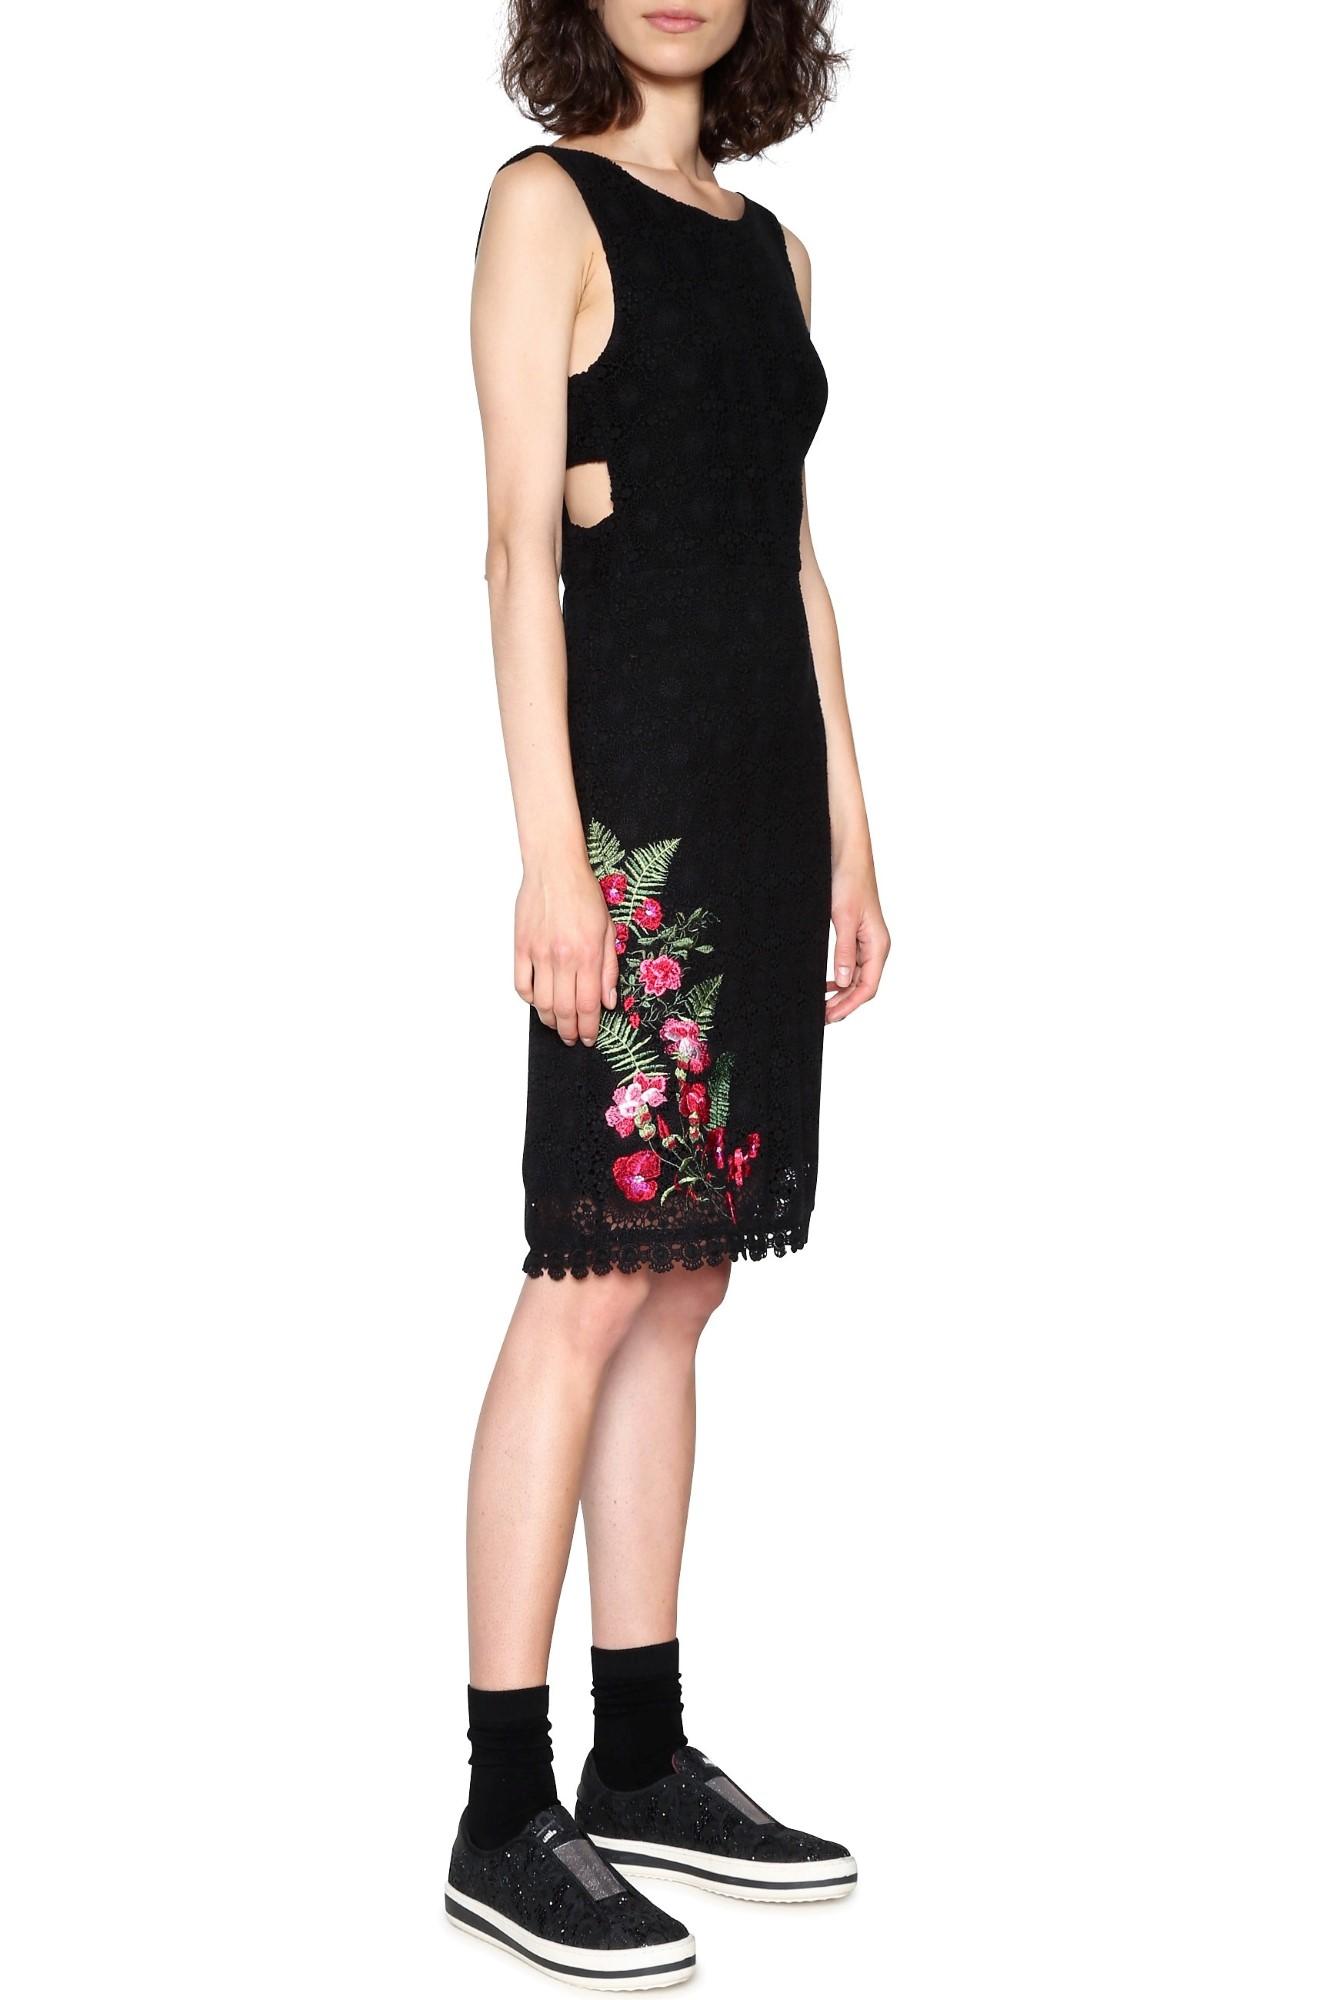 Desigual čierne čipkované šaty Julia - Glami.sk 097fb8dec6b